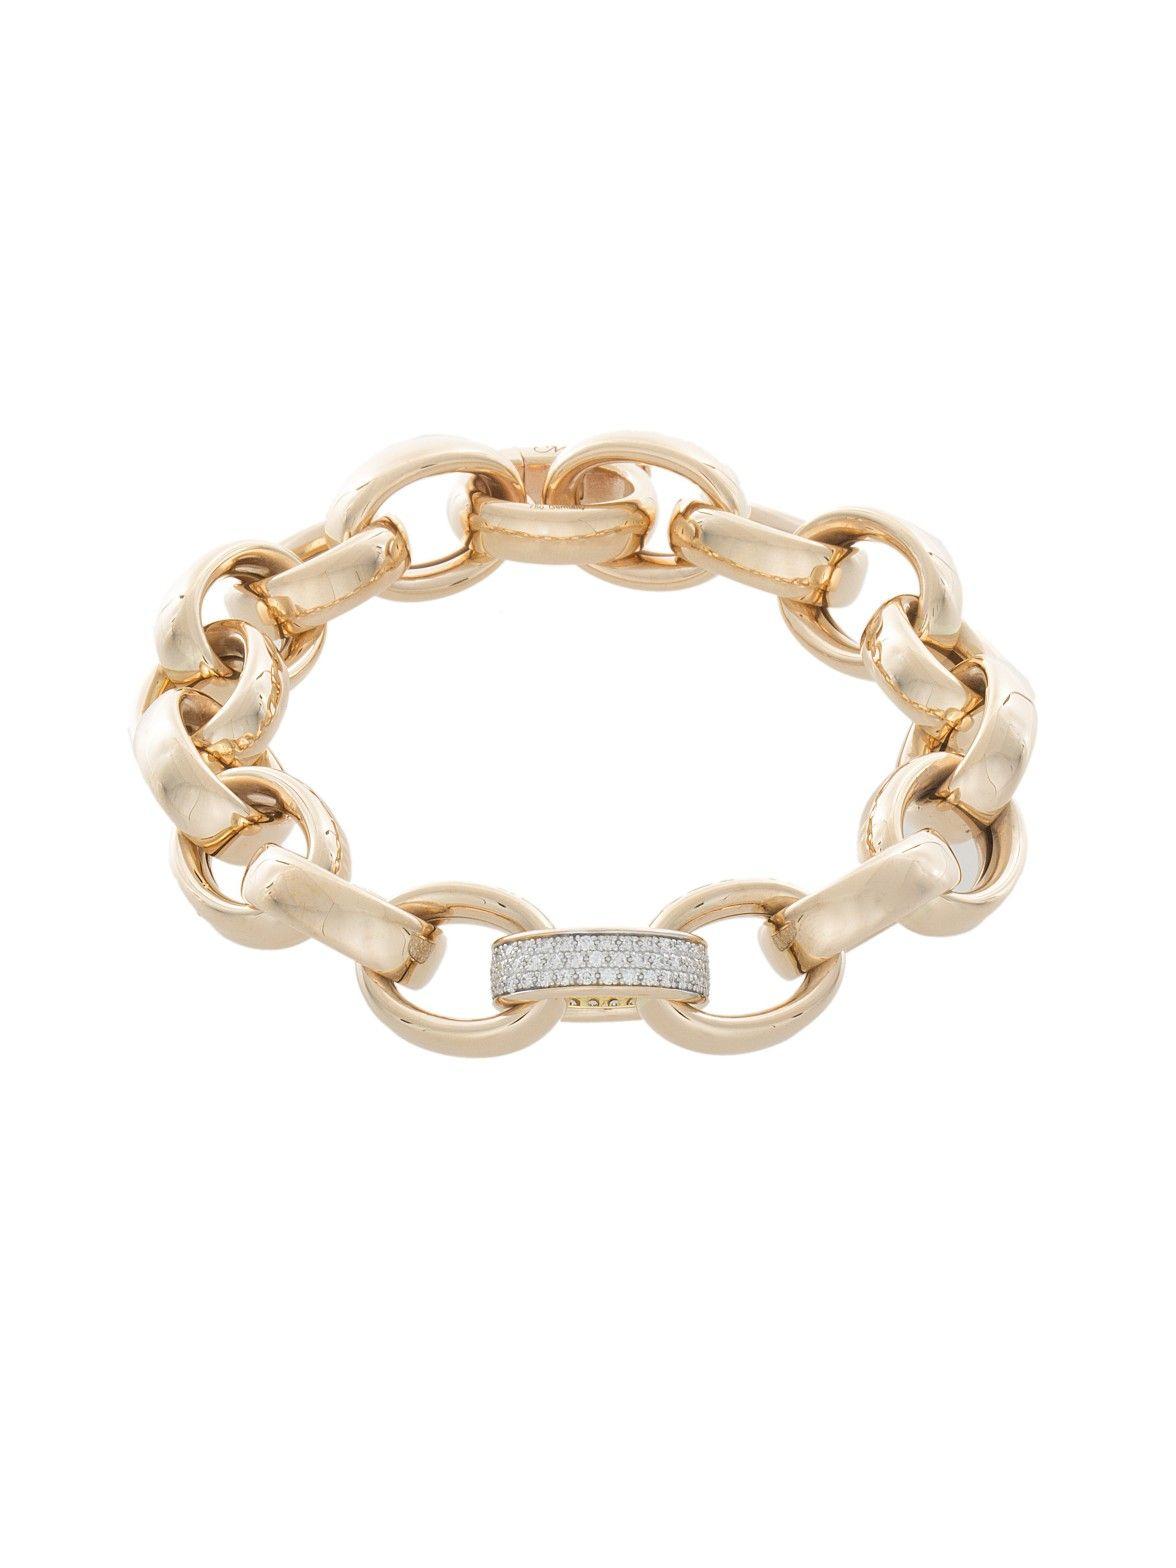 Monica Rich Kosann 18k White Gold Marilyn Link Bracelet FcUrnP6v18